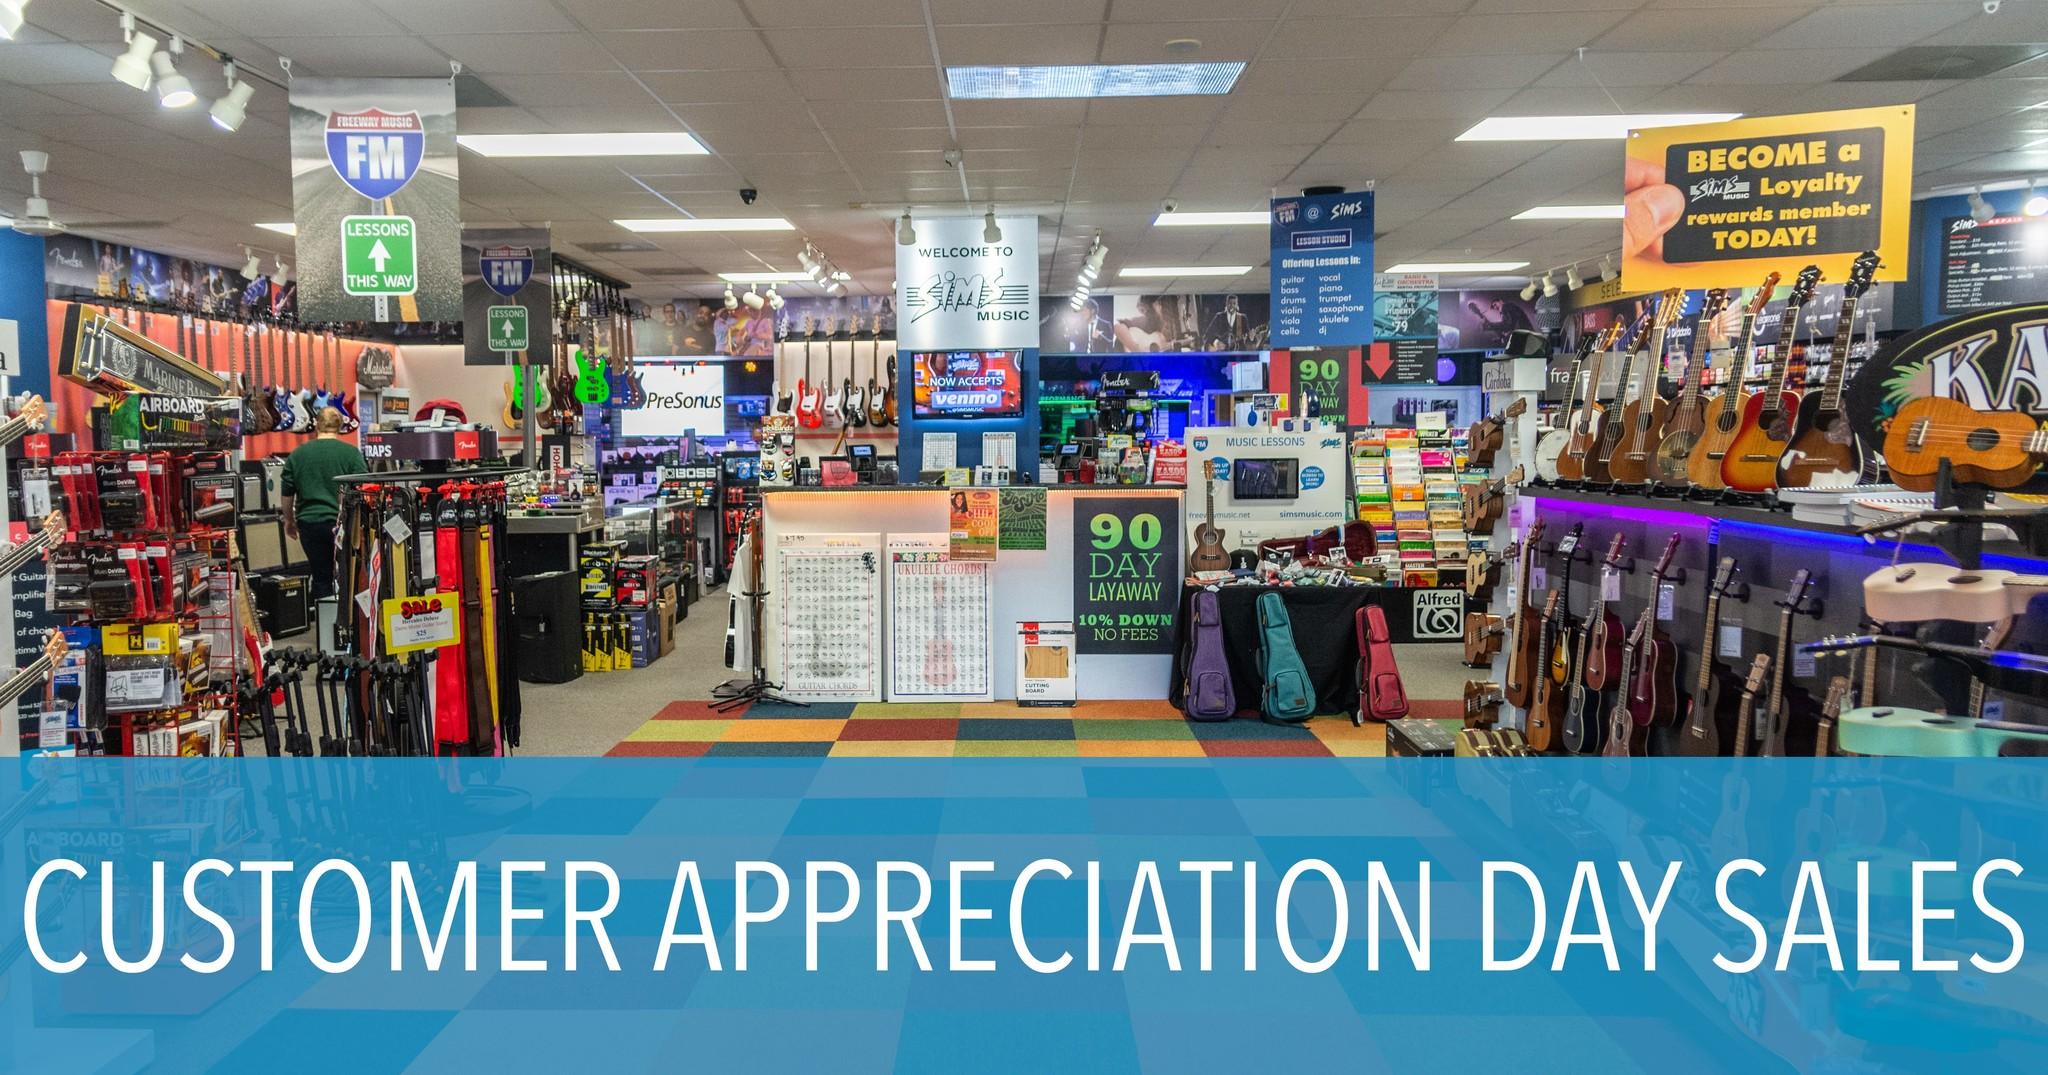 Customer Appreciation Day SALES!